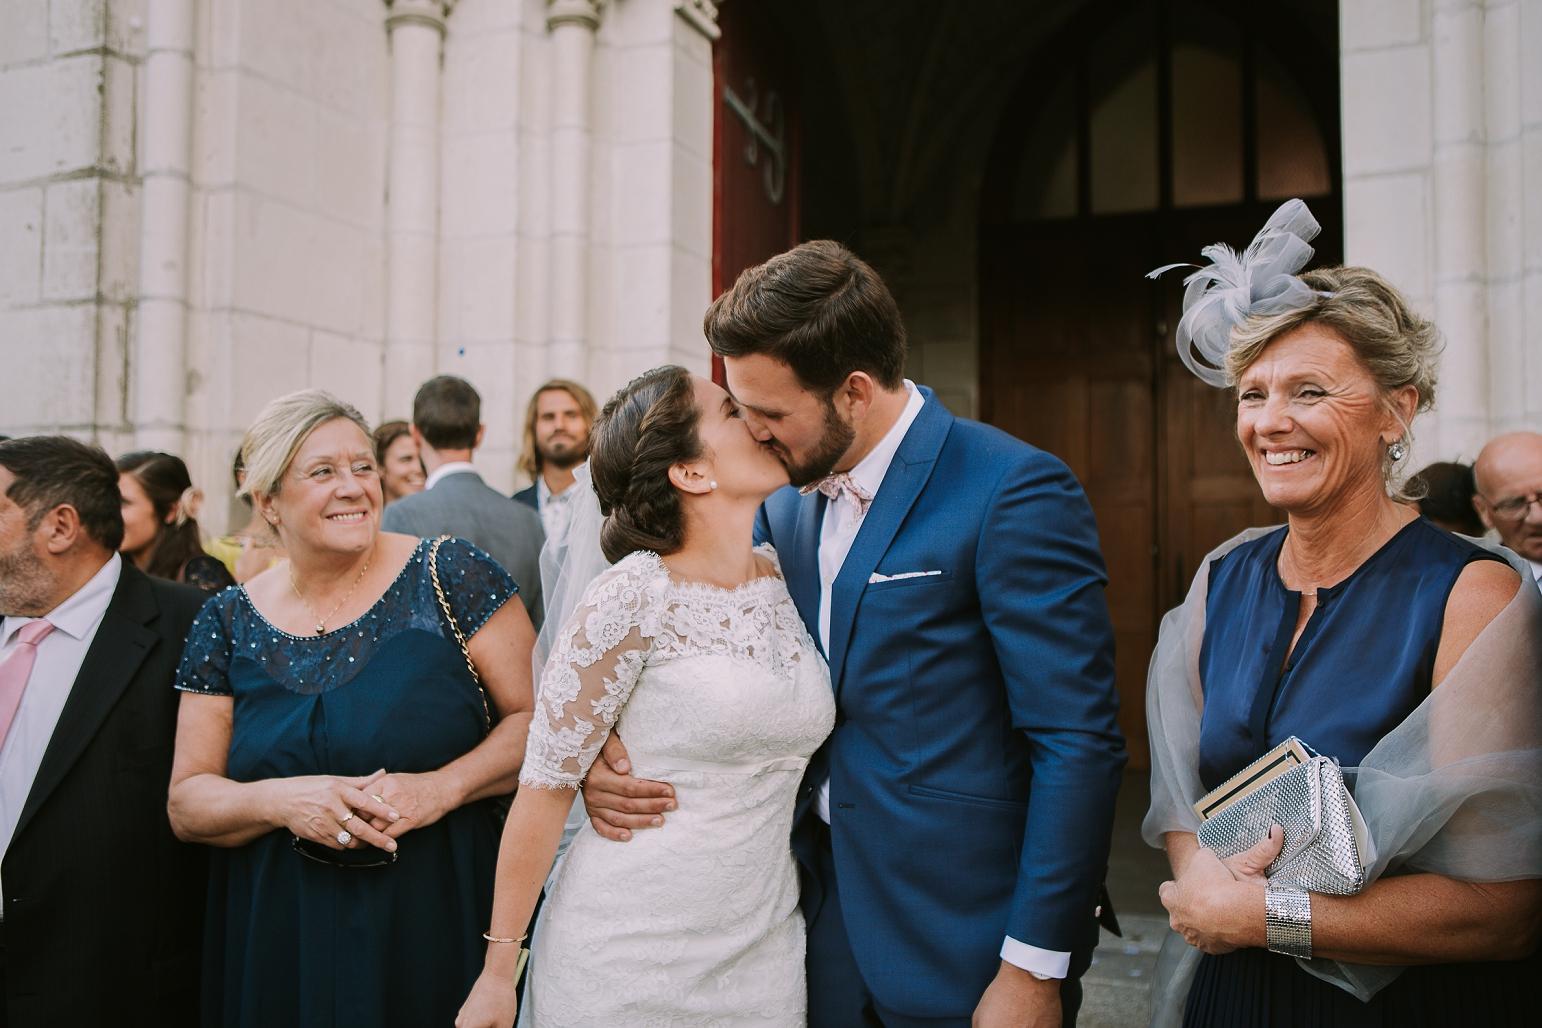 kateryna-photos-mariage-wedding-france-bretagne-pays-de-la-loire-chateau-de-la-colaissiere-st-sauveur-de-landemont_0046.jpg